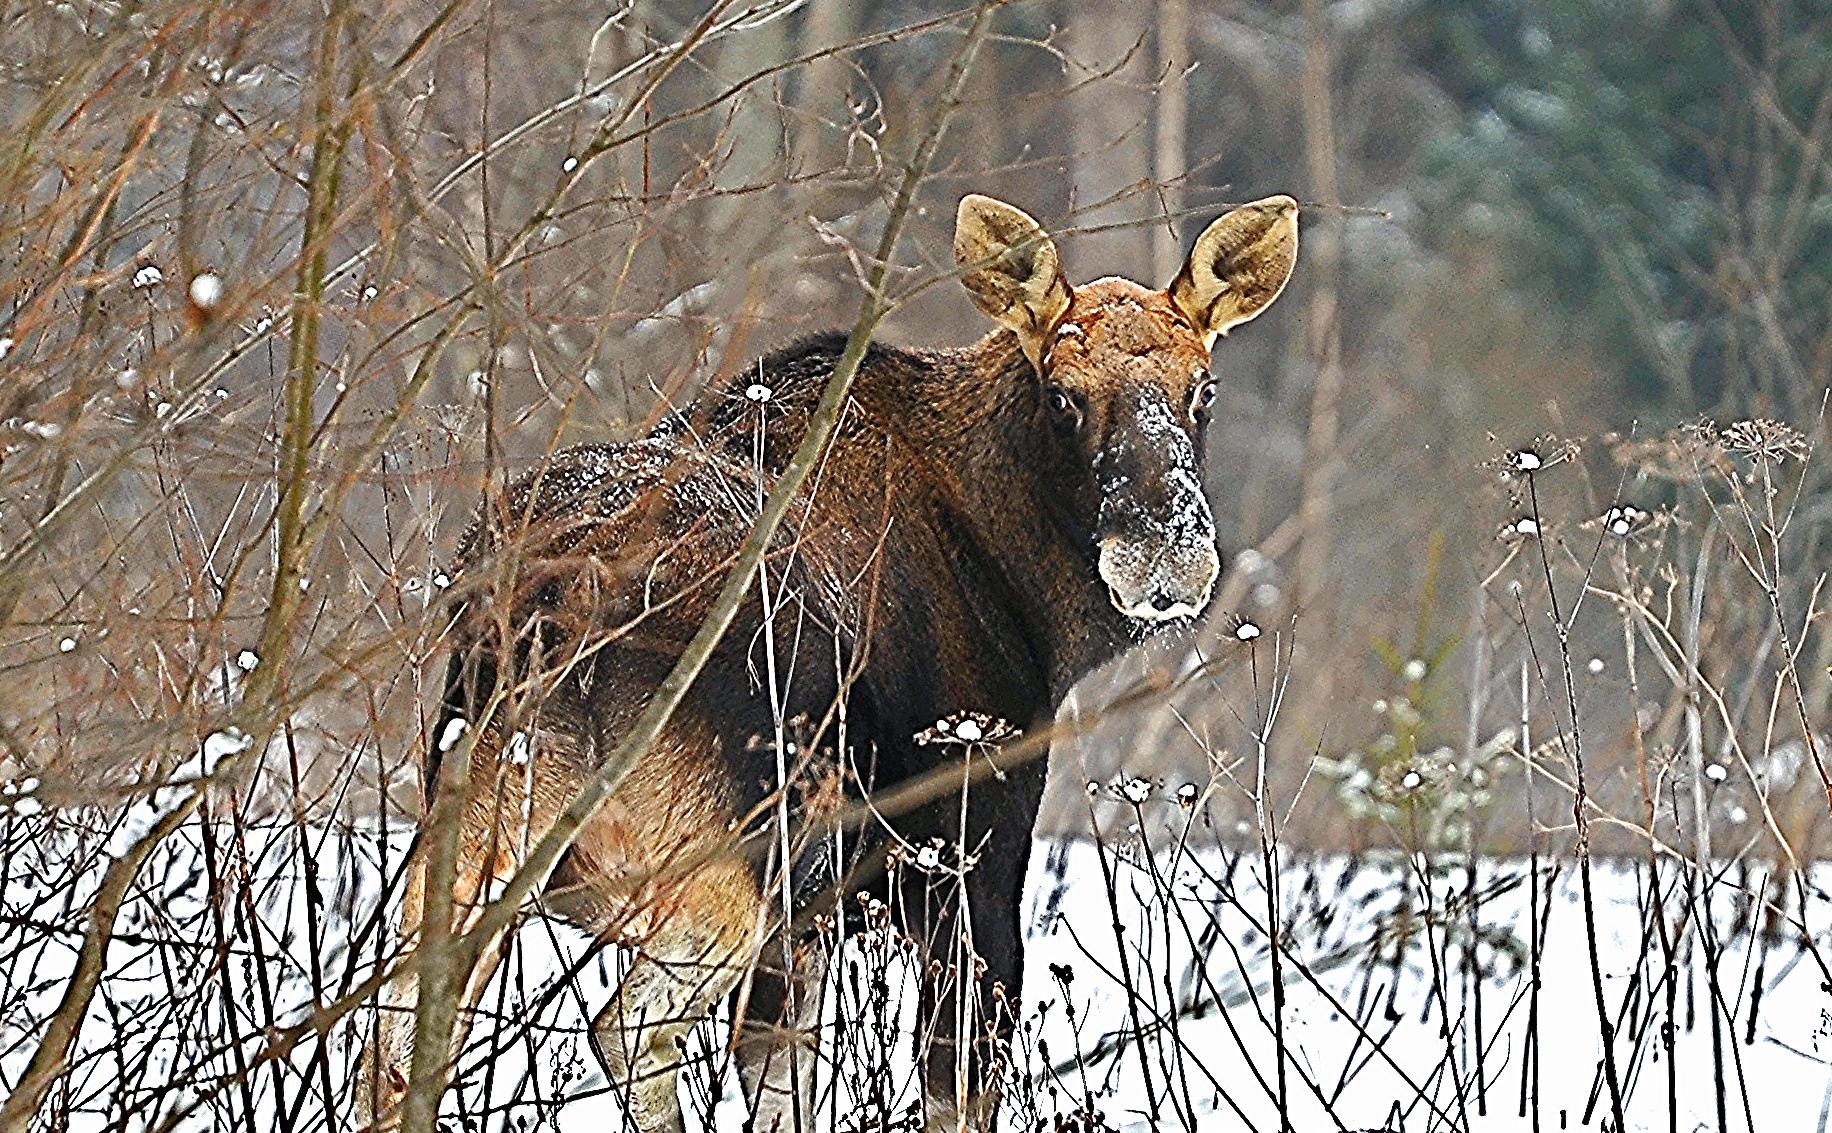 Для иммунизации диких животных в лесах разложат 700 тысяч доз вакцины против бешенства